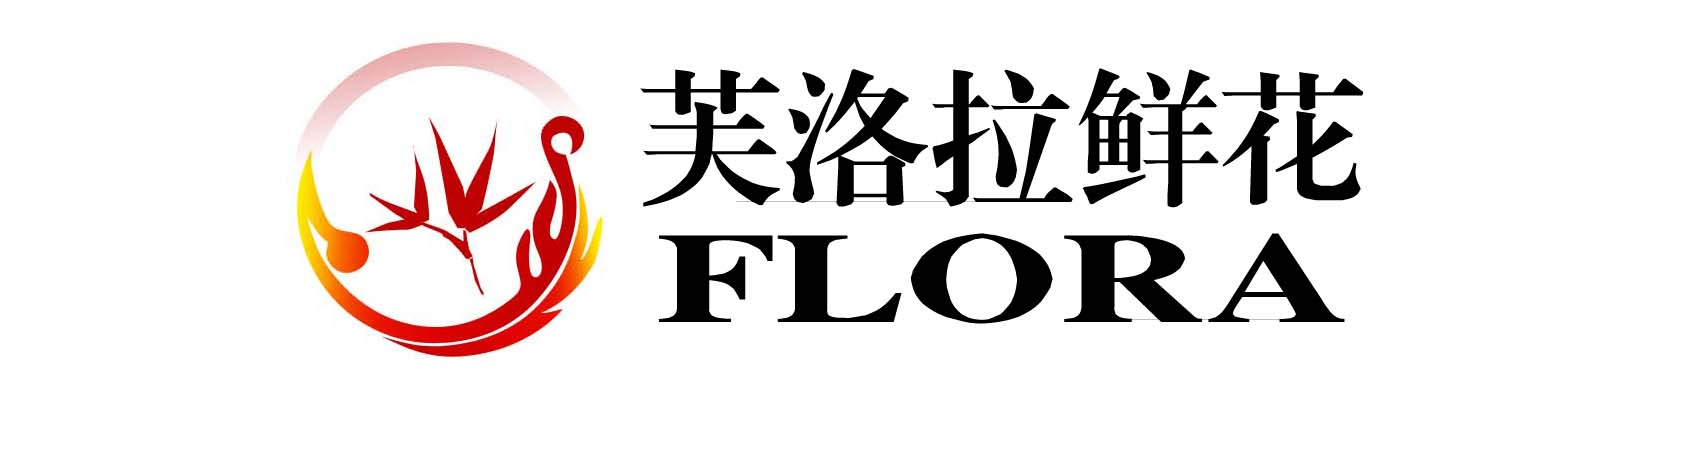 复古花店标志设计分享展示